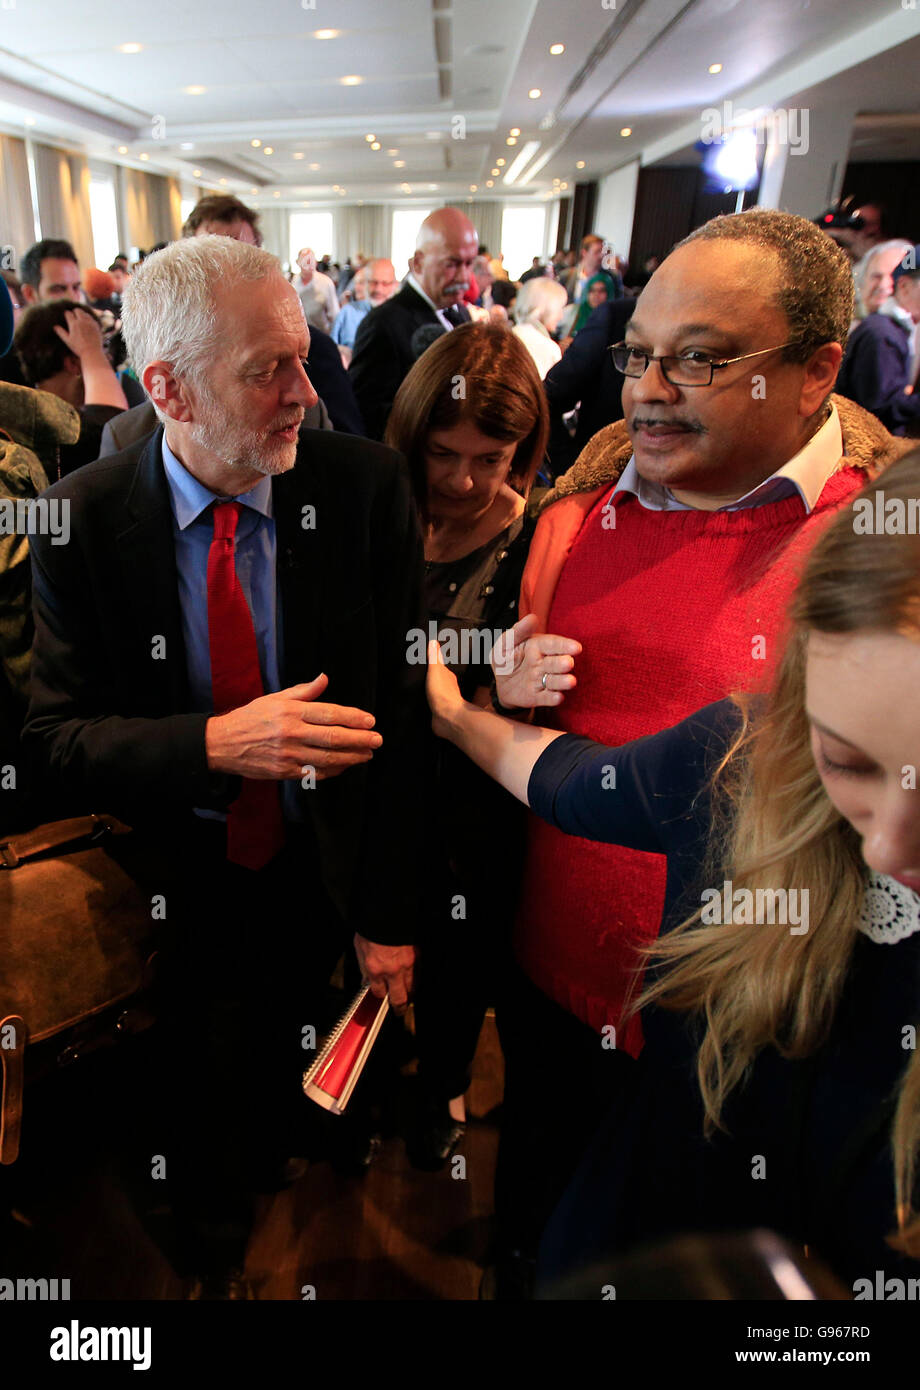 Labour Leader Jeremy Corbyn mit Marc Wadsworth (rechts), der Dynamik schwarz Connexions, nach einer Rede am Labours Stockbild